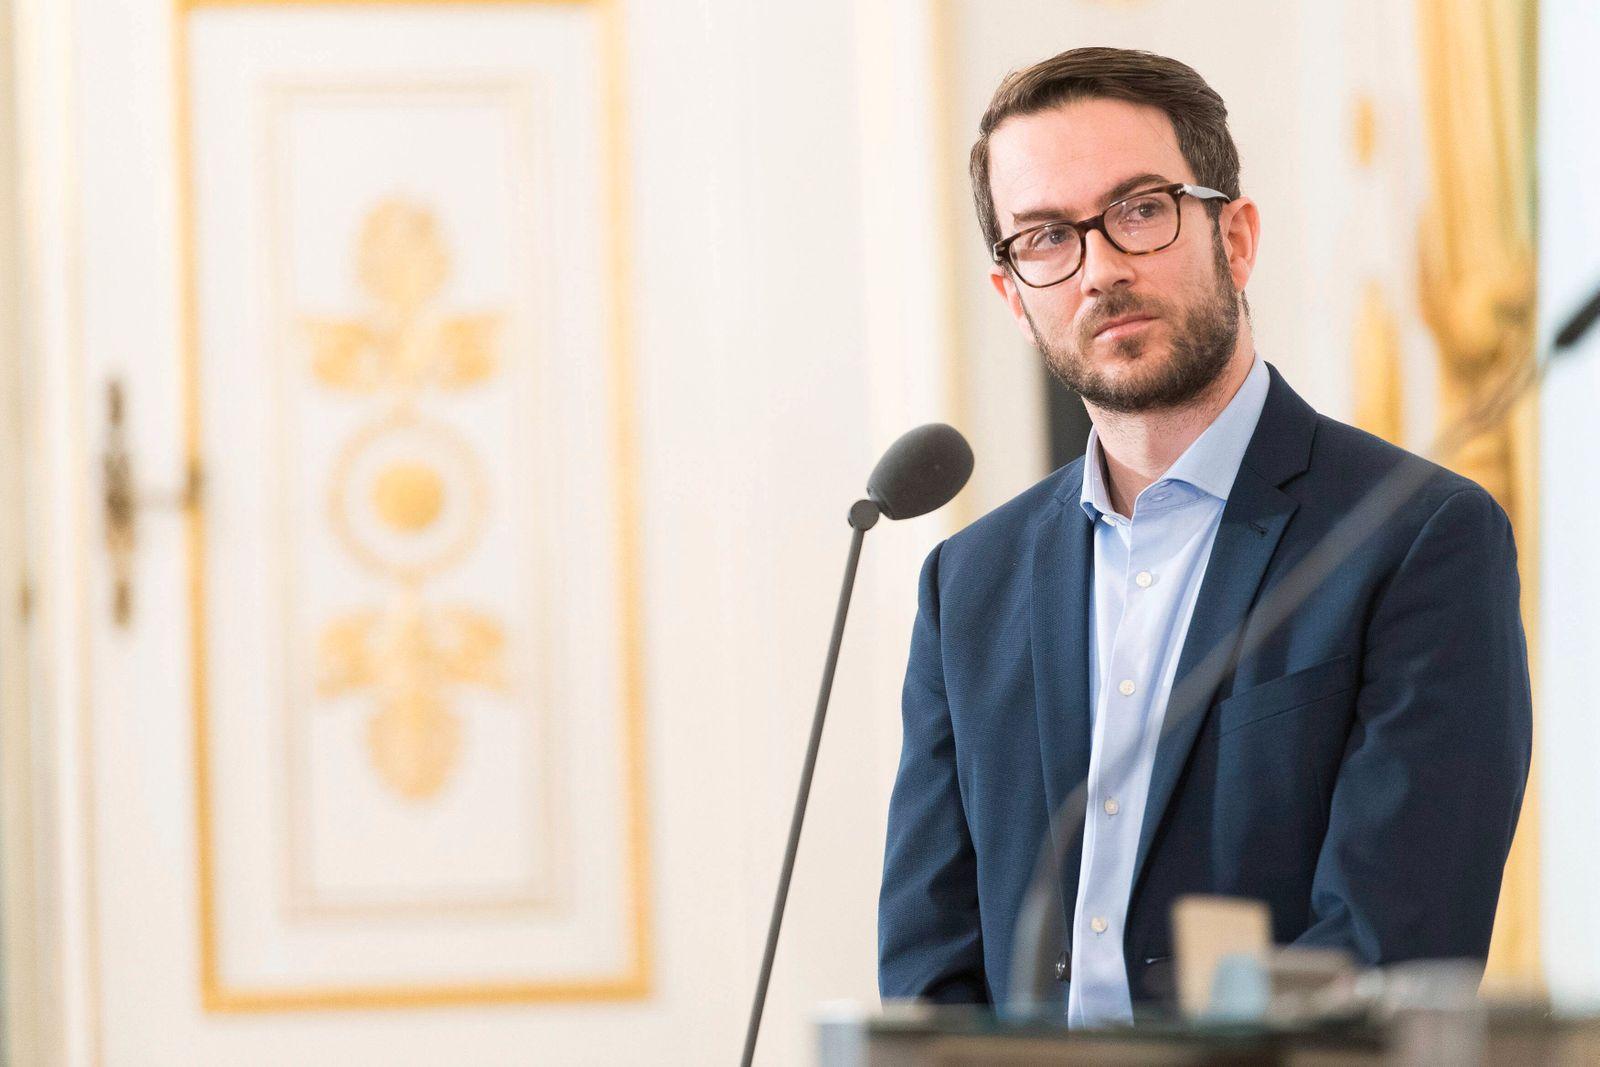 Wien 11 04 2019 Bundeskanzleramt Wien AUT Bundesregierung Pressekonferenz zum Thema Ausbau der